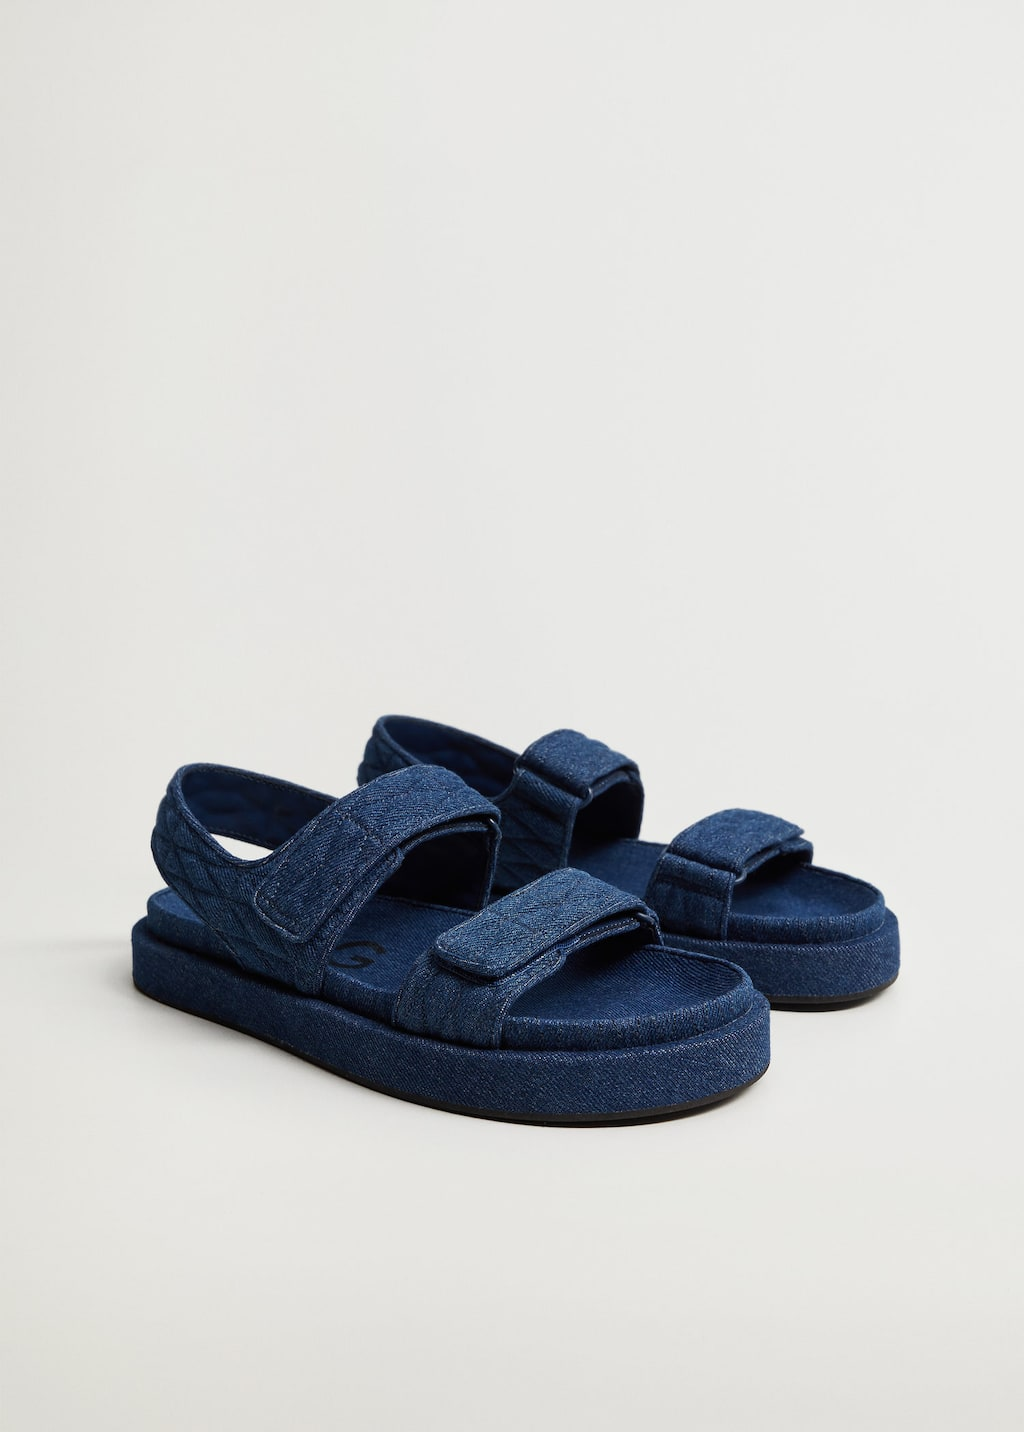 Denim cotton sandals - Medium plane